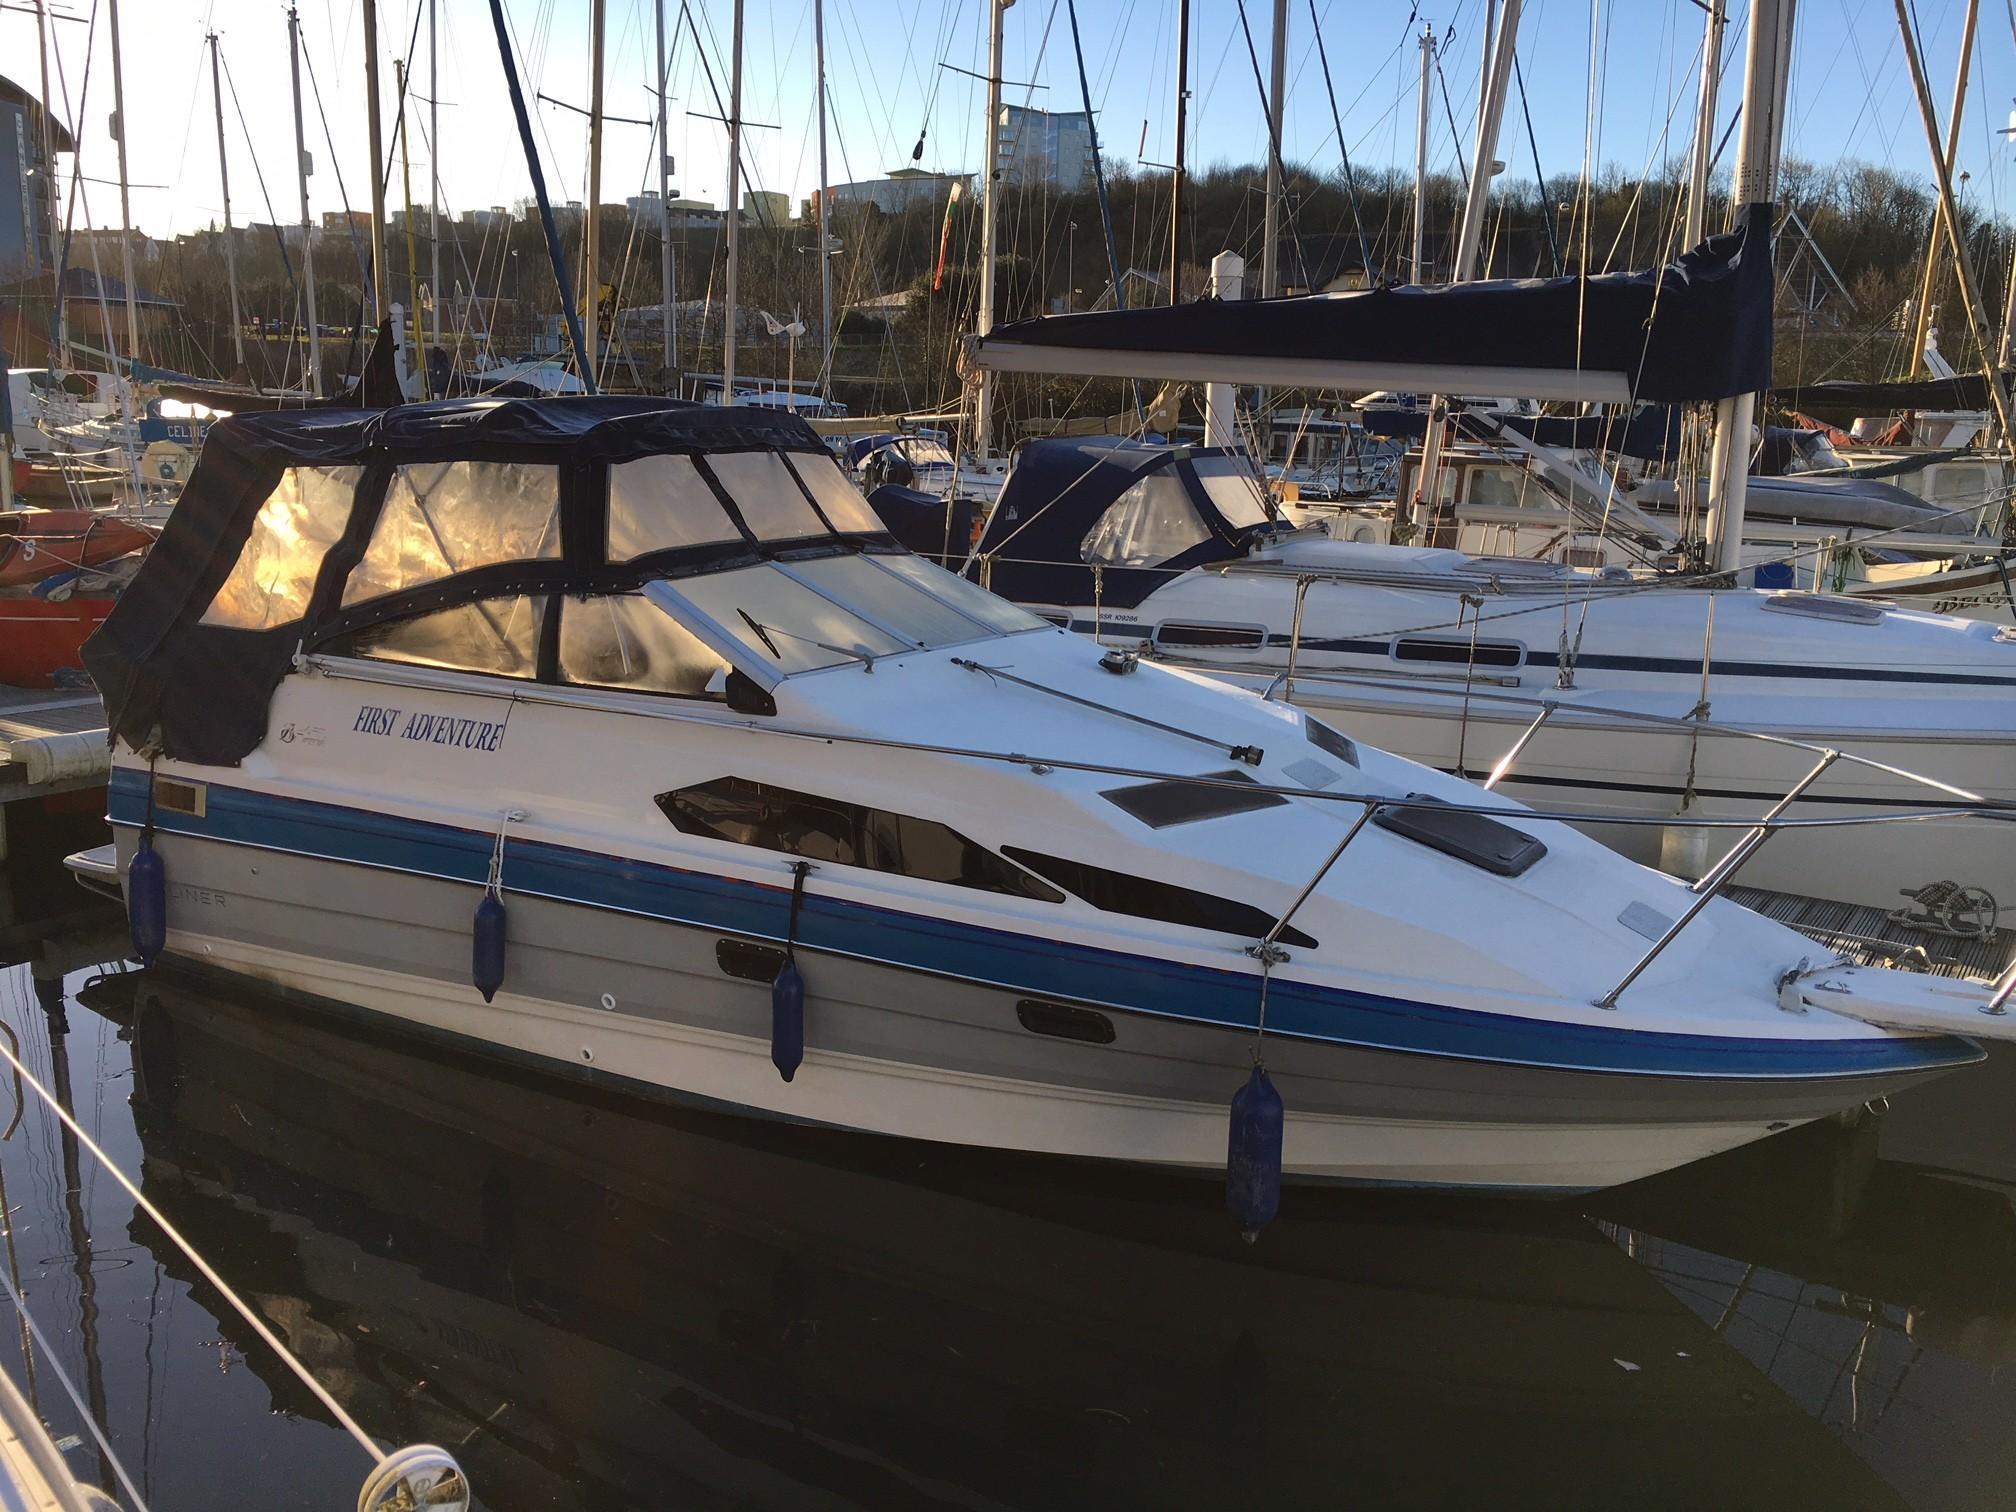 1989 Bayliner Ciera 2455 Power Boat For Sale